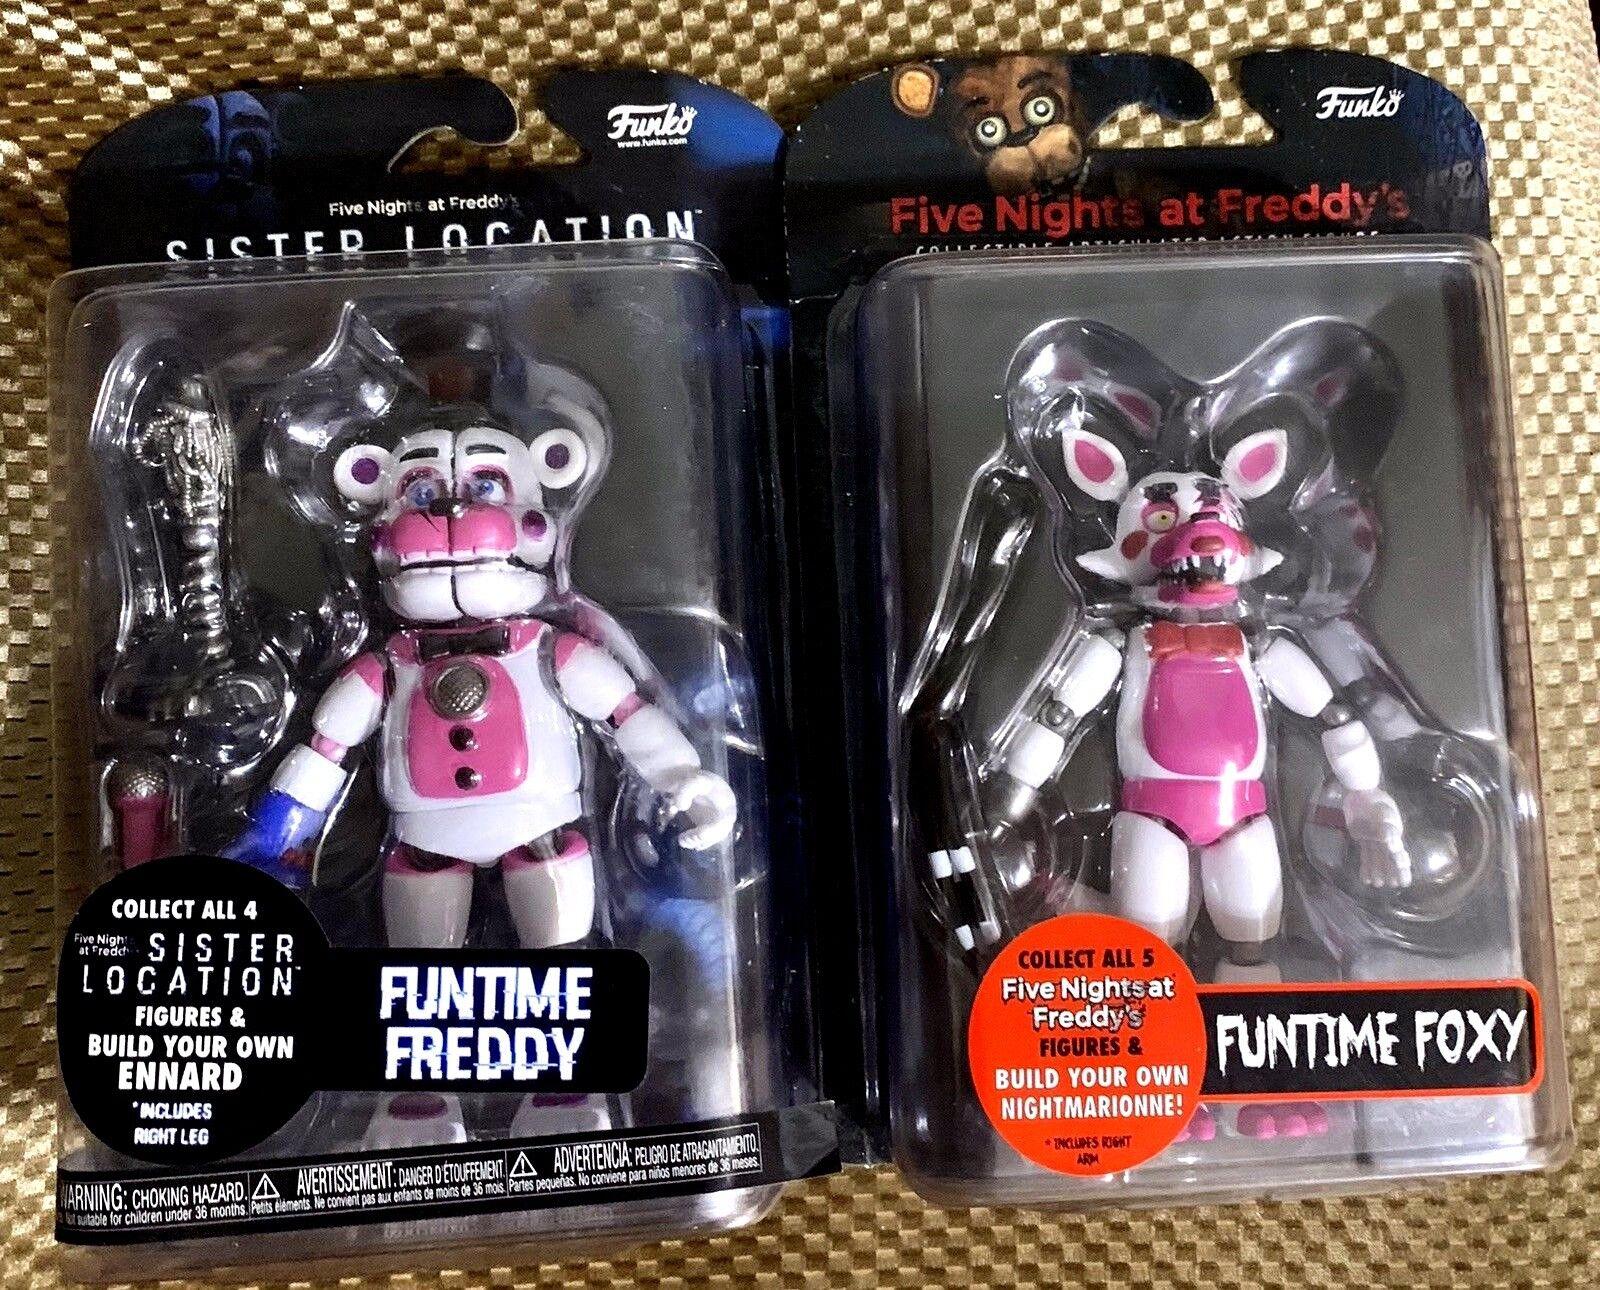 Funtime Foxy-Sorella posizione FrossoDY cinque NOTTI AT FrossoDYS Funko Action Figure